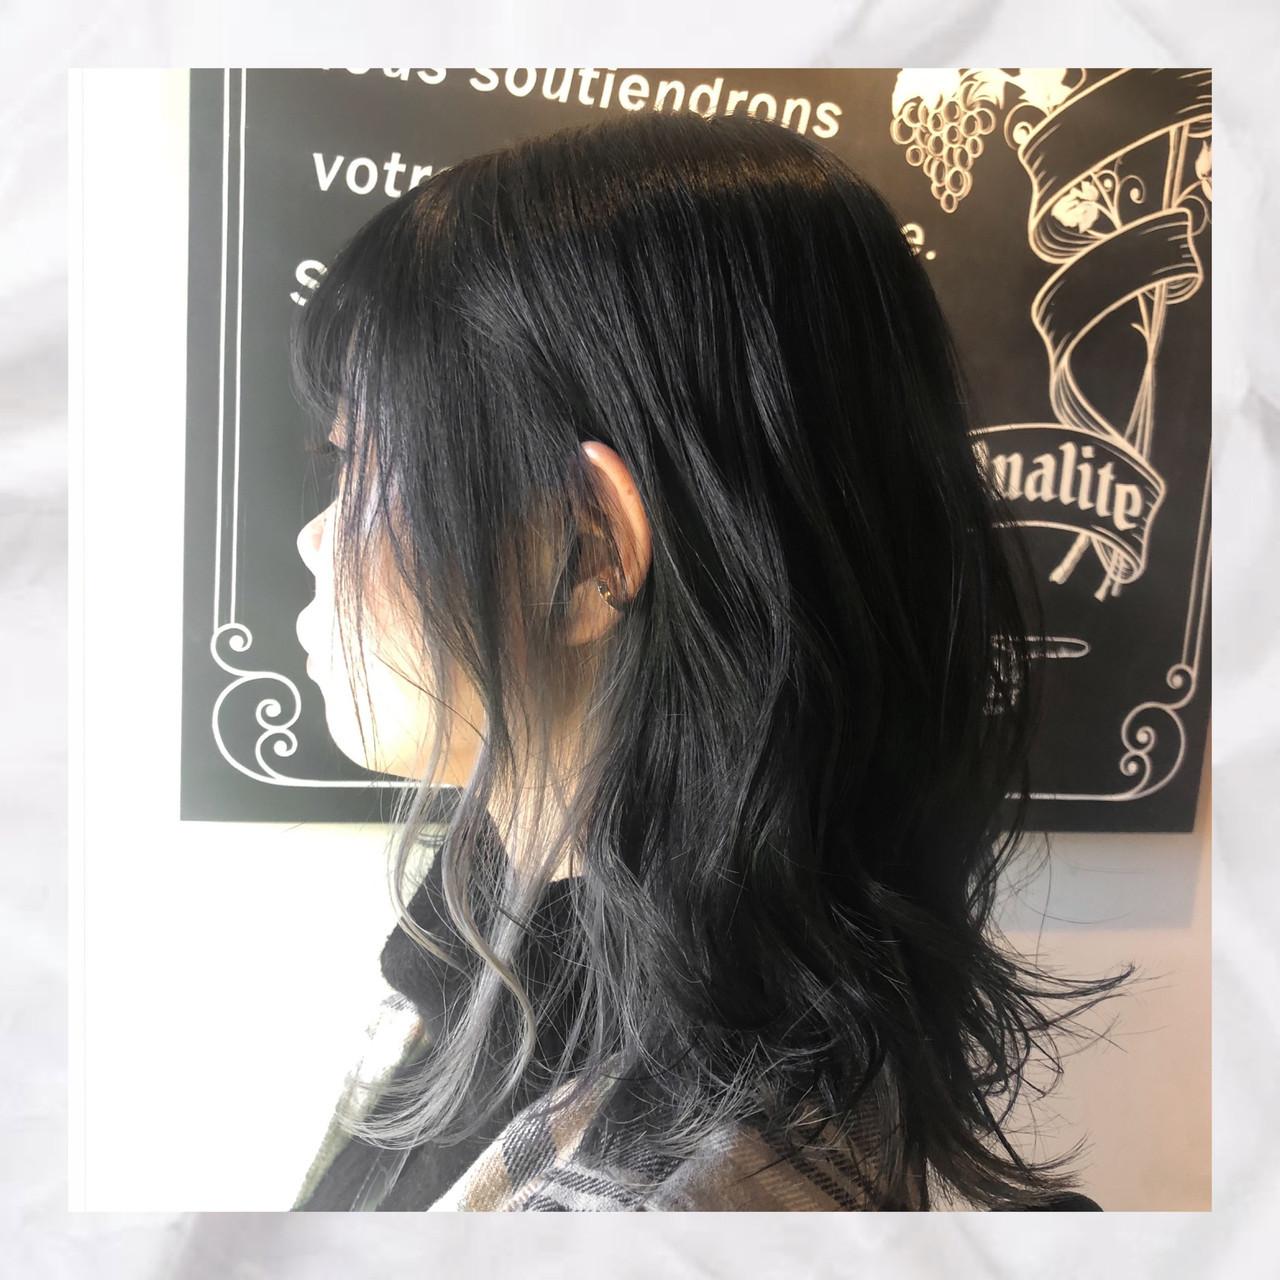 インナーカラー インナーカラーシルバー ミディアム ストリート ヘアスタイルや髪型の写真・画像